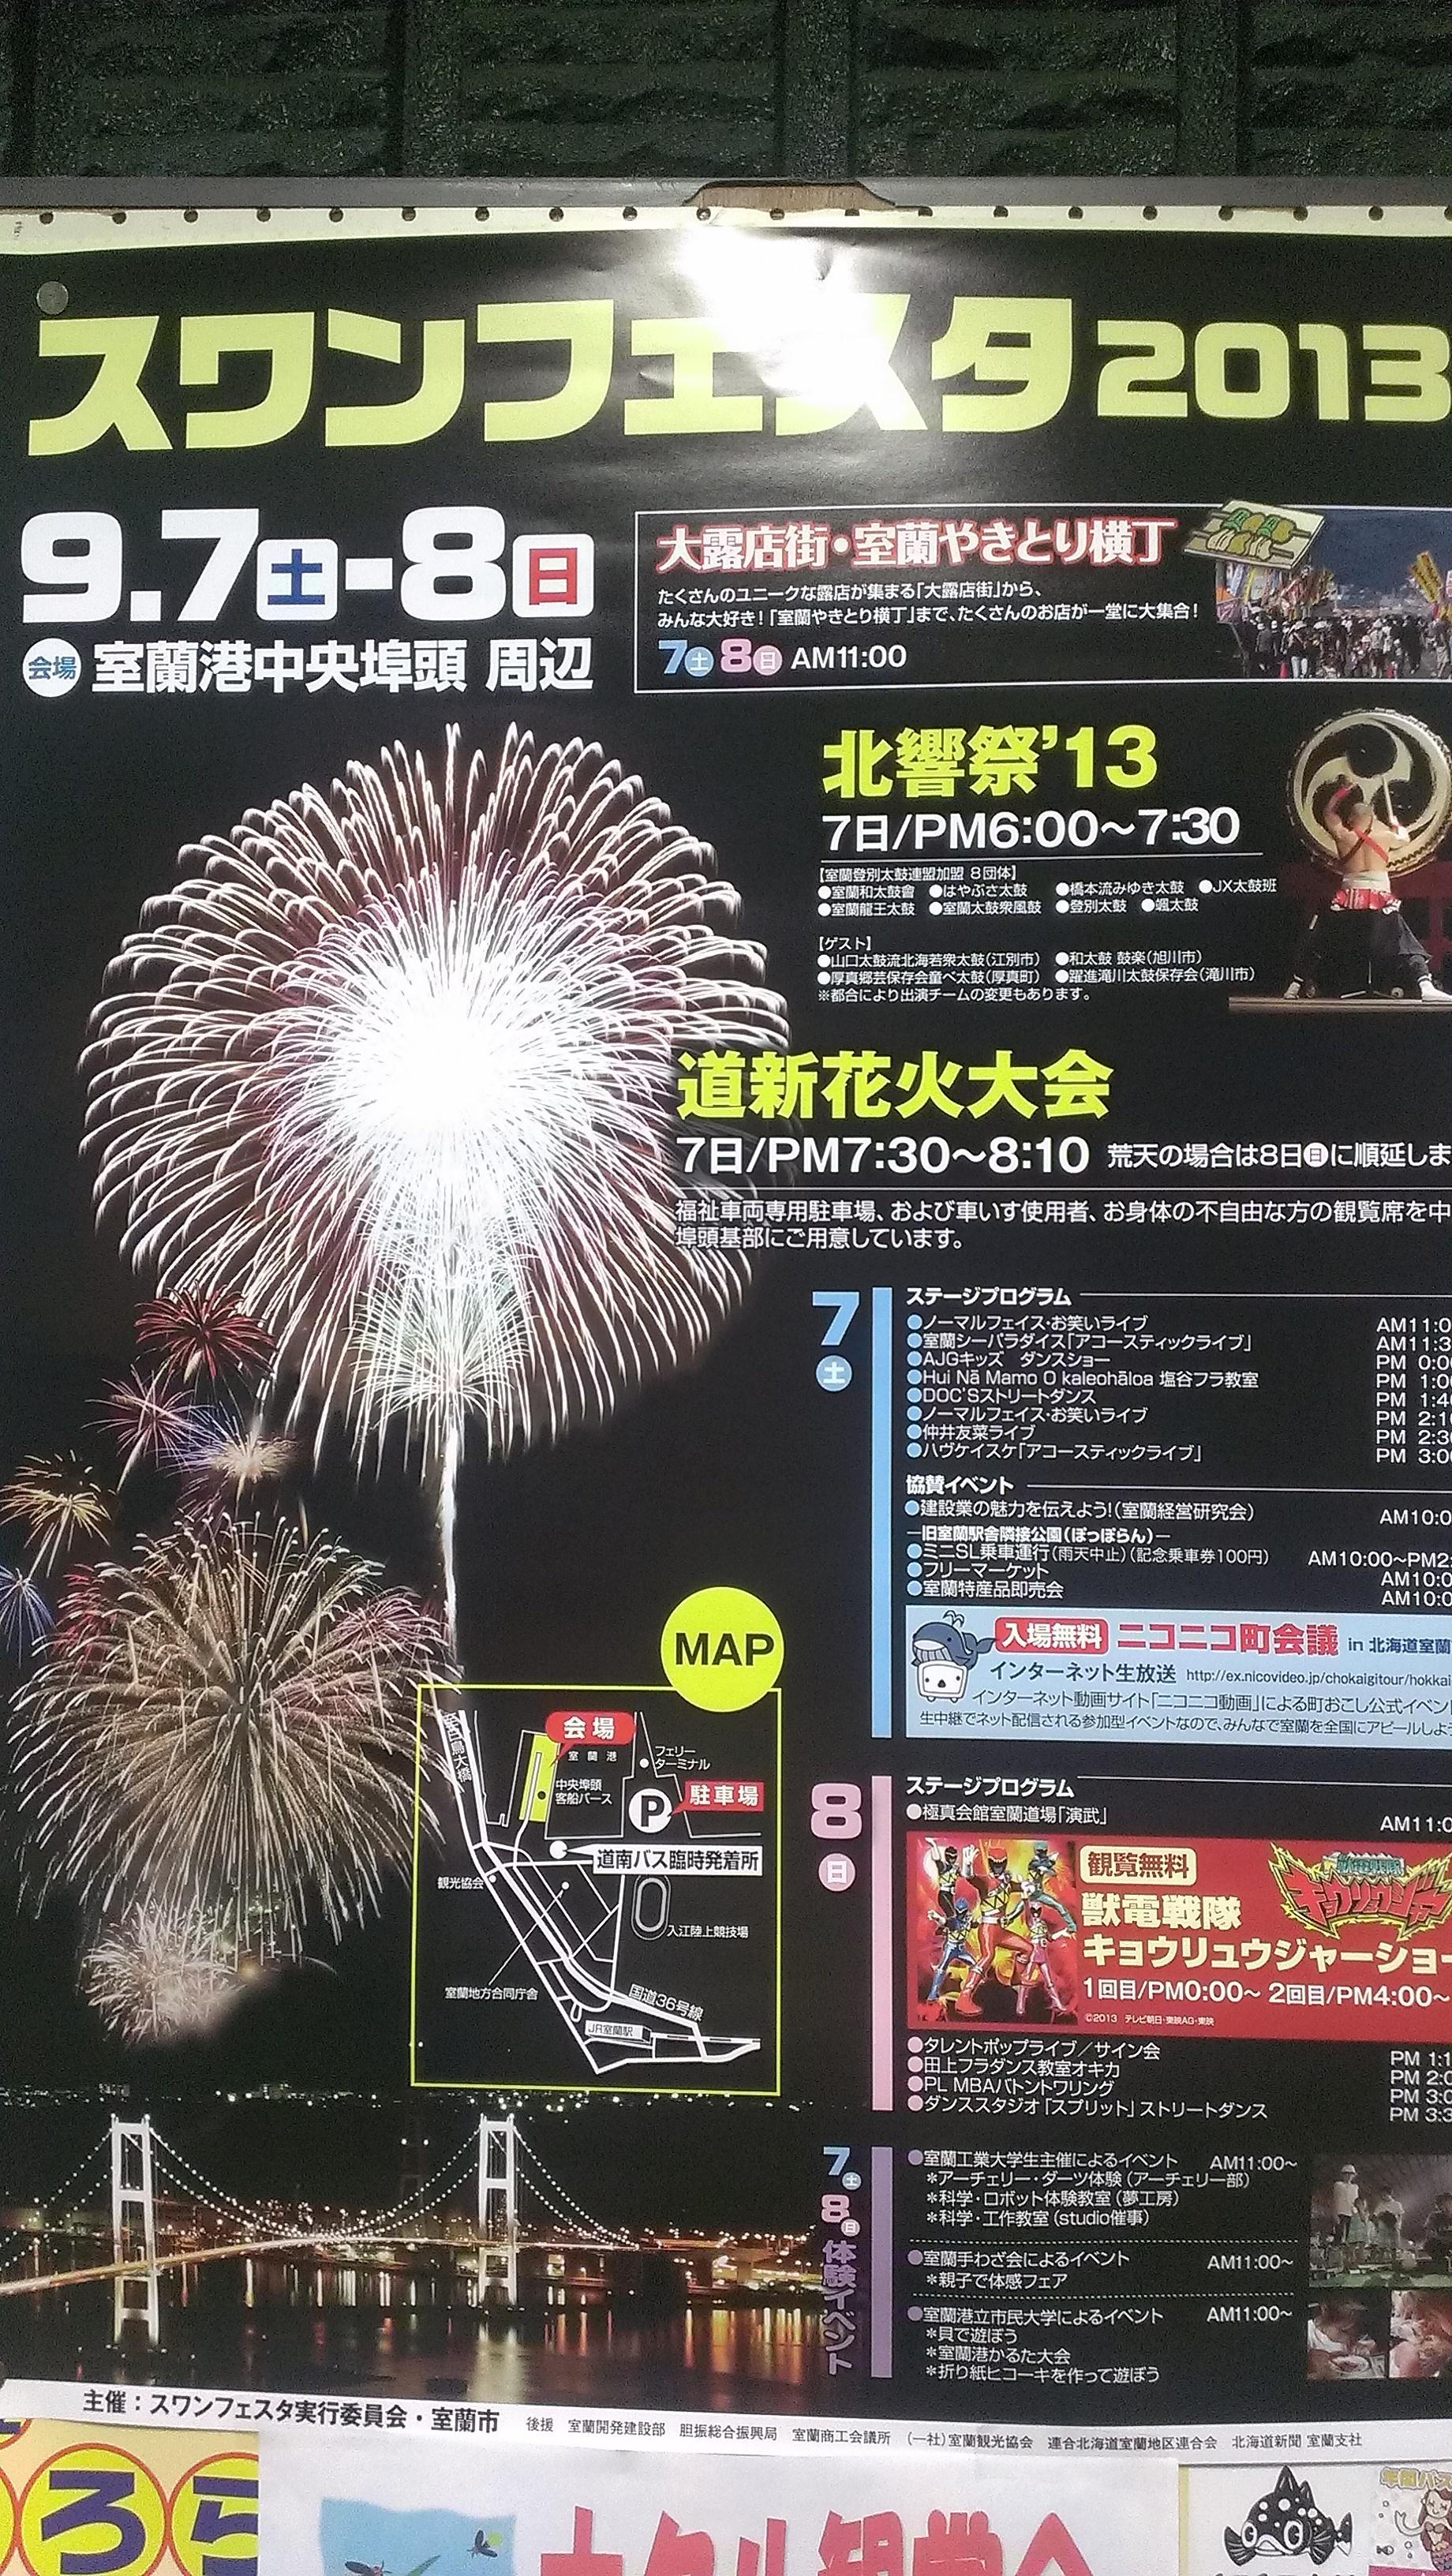 【イベント】スワンフェスタ2013